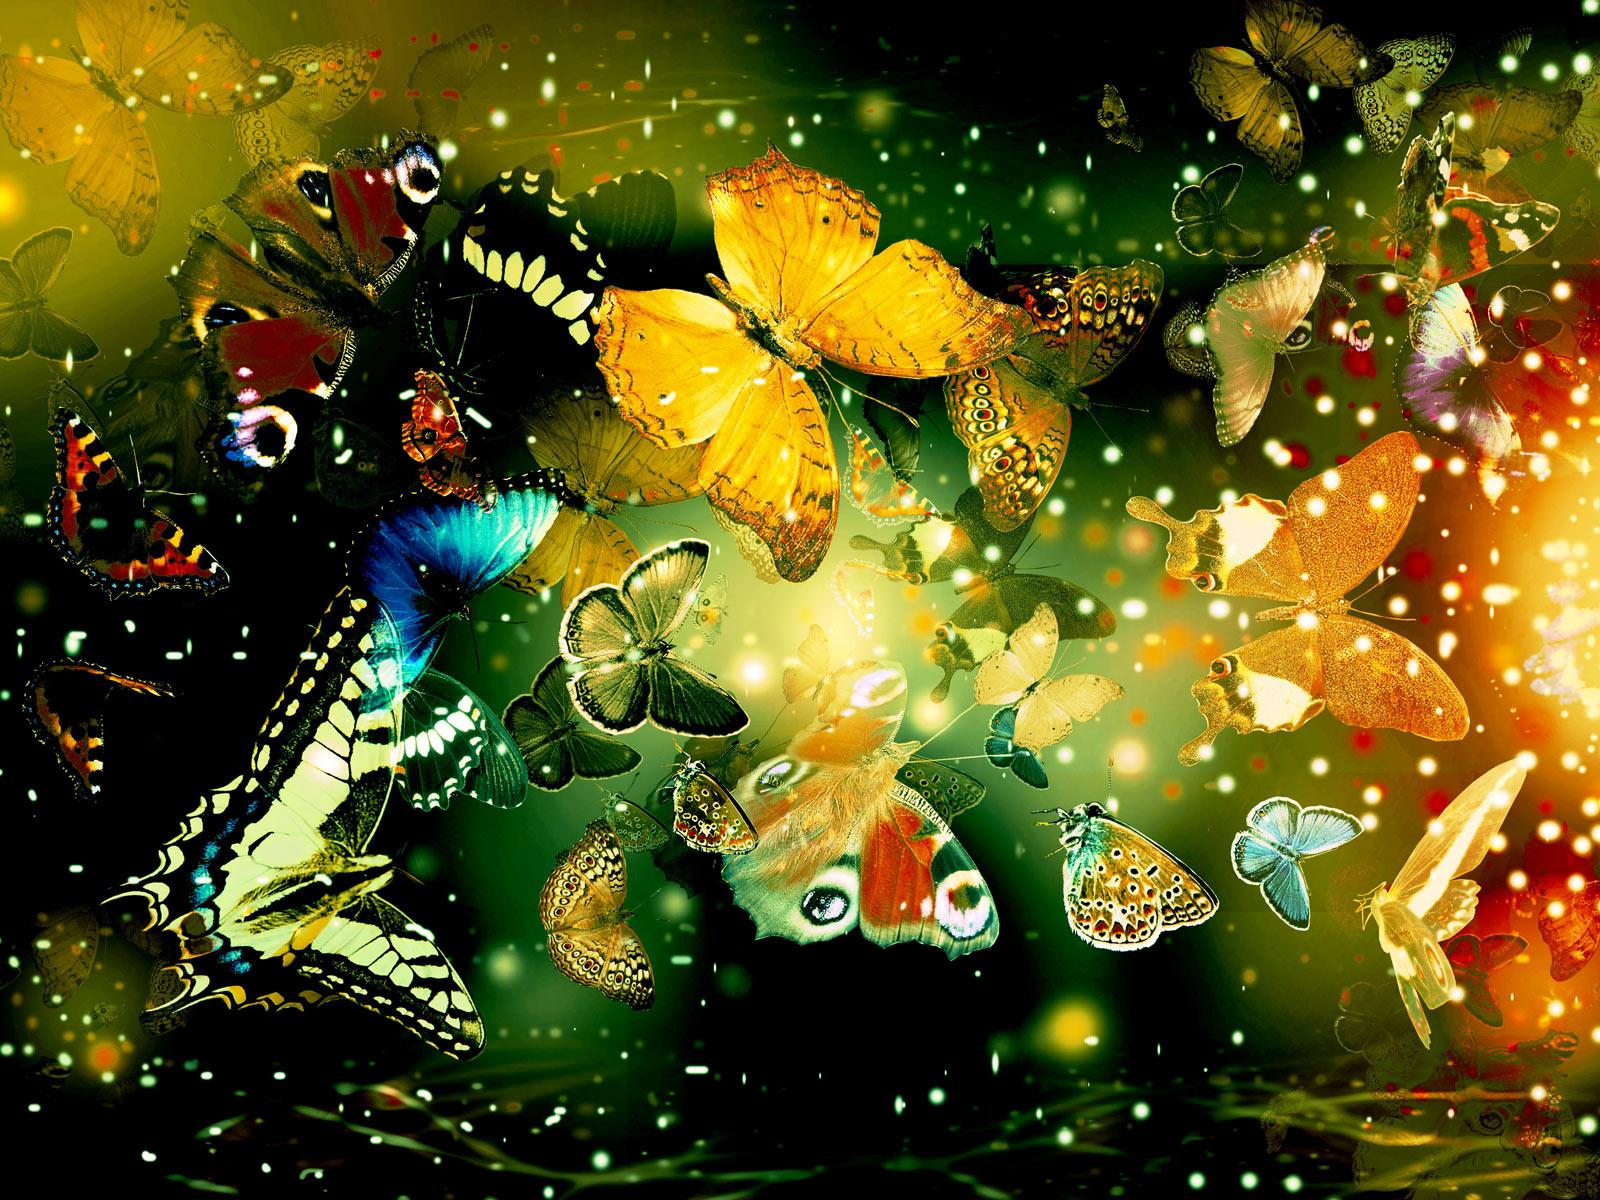 Butterflies desktop backgrounds hd Wallpaper and make this wallpaper 1600x1200